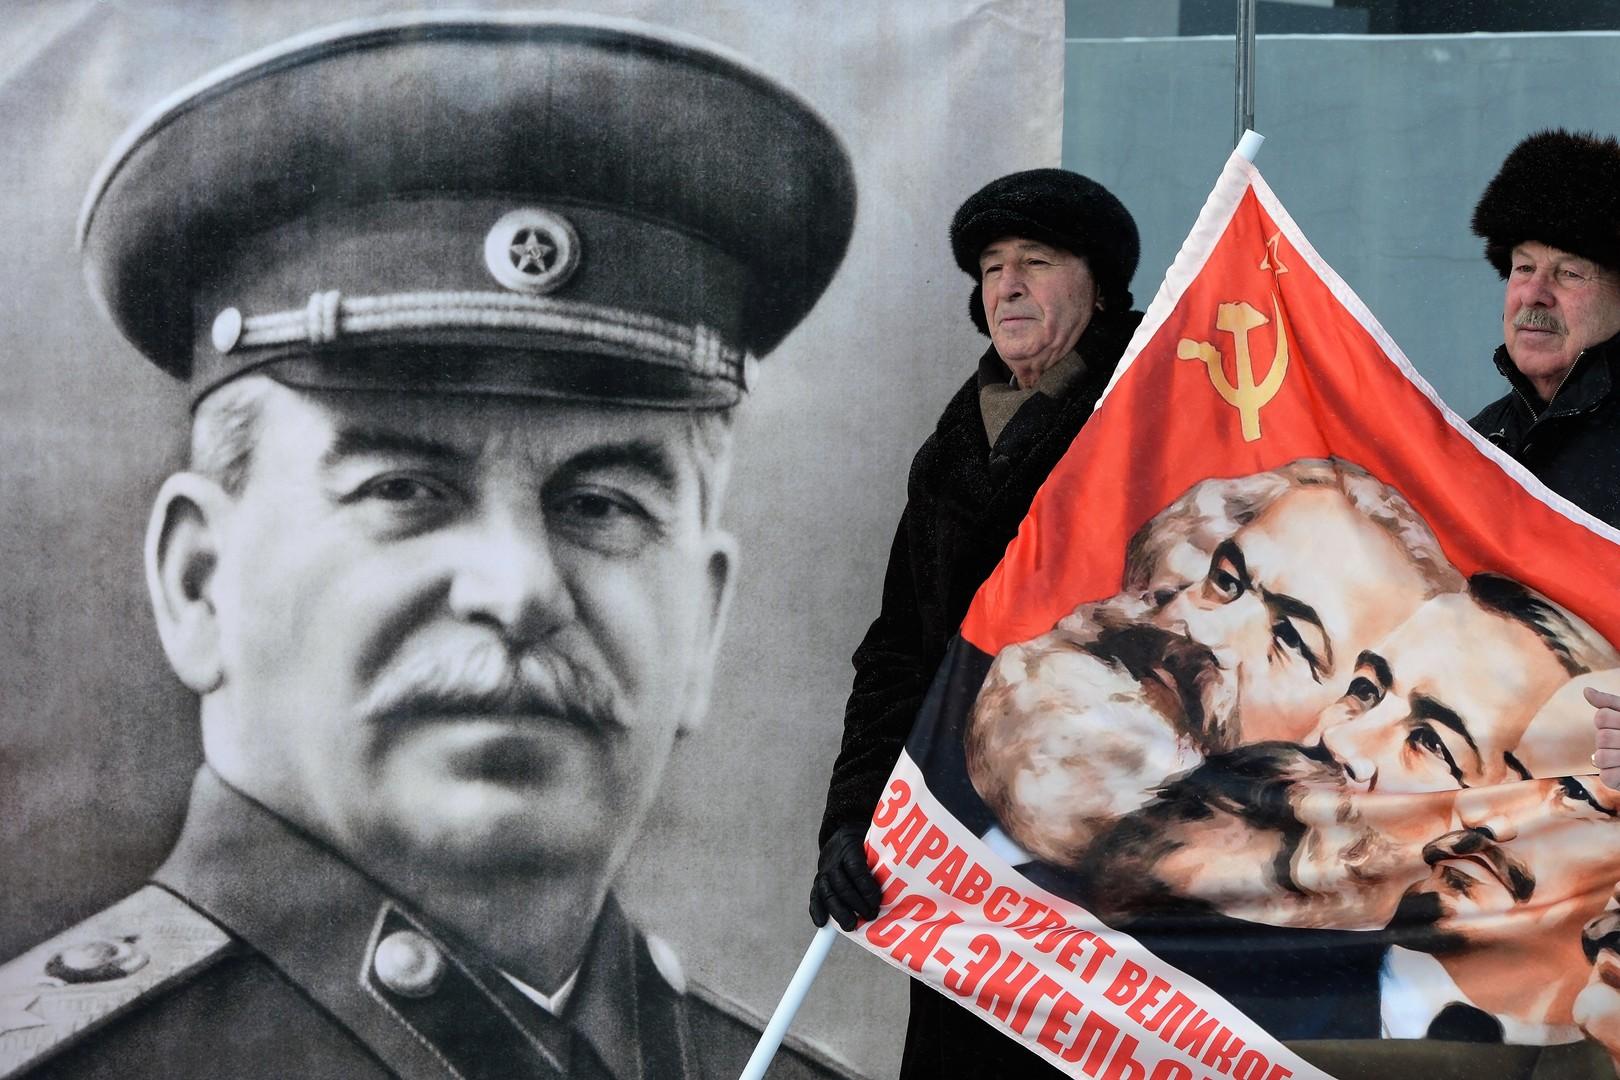 Aktion der Kommunistischer Partei Russlands zu Geburtstag des Oberbefehlshabers UdSSR J. Stalin in Nowosibirsk, 2015